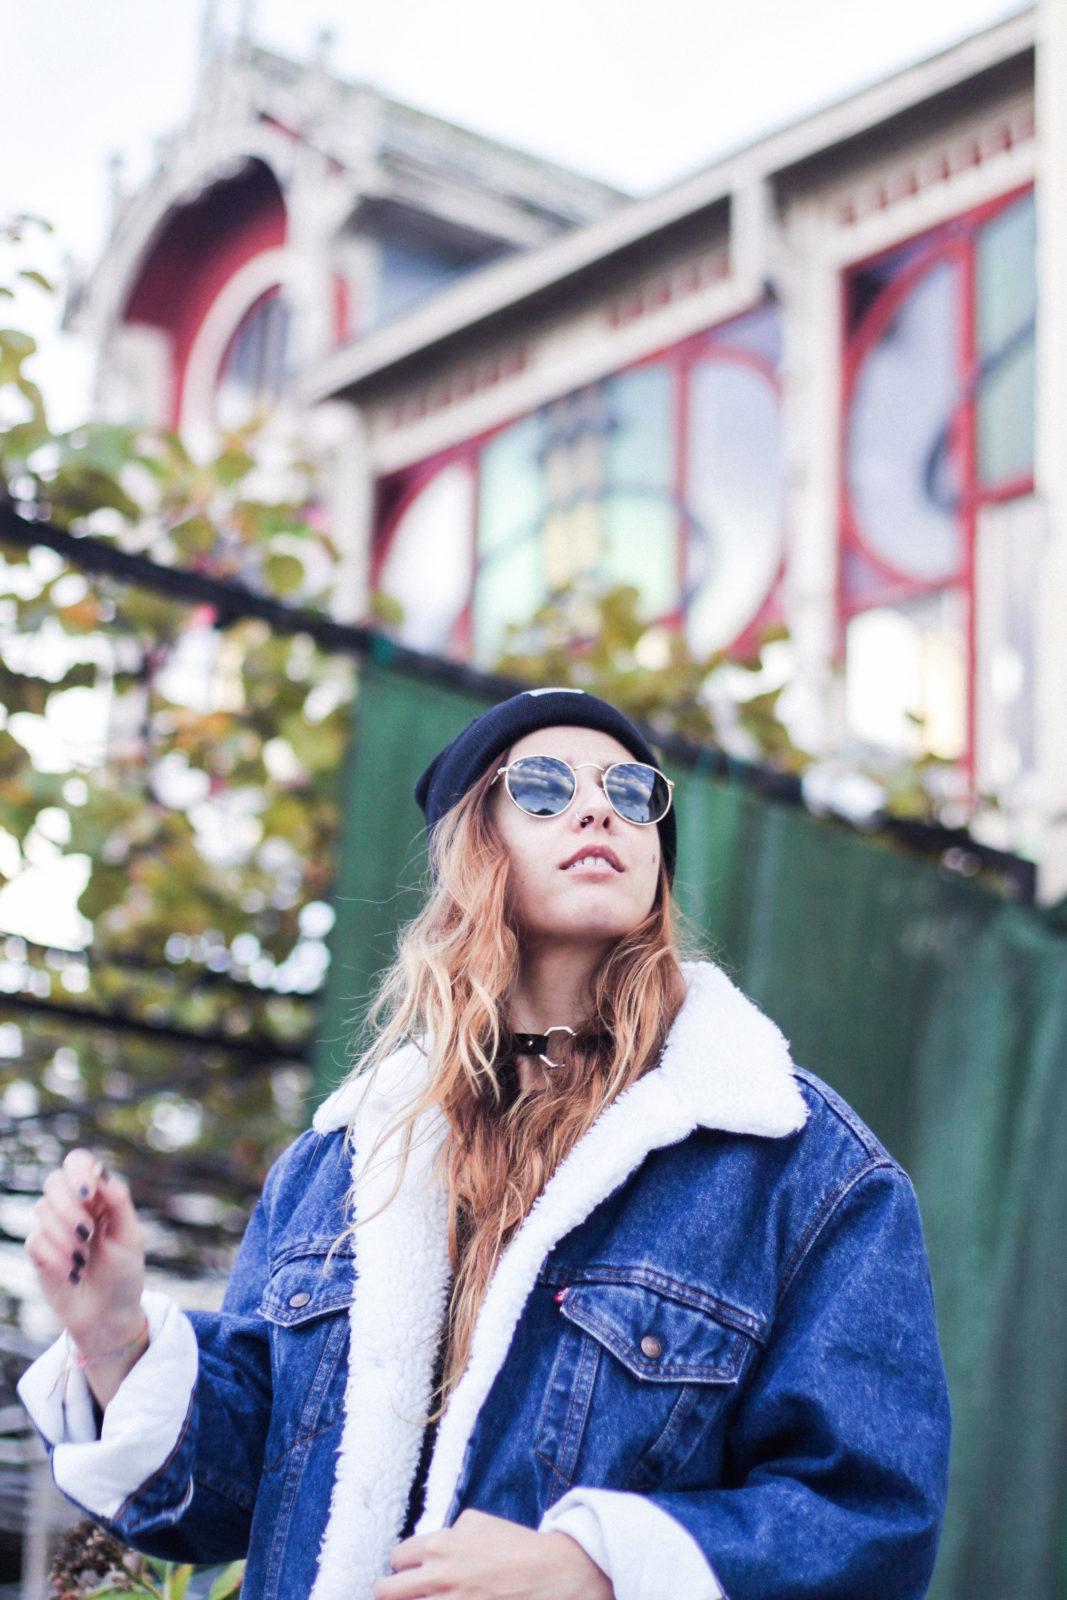 cazadora_vaquera_de_borreguillo_levis_vintage_golden_goose_gorrito_beanie_tendencias_2016_fall_trends_street_style_choker_donkeycool-19